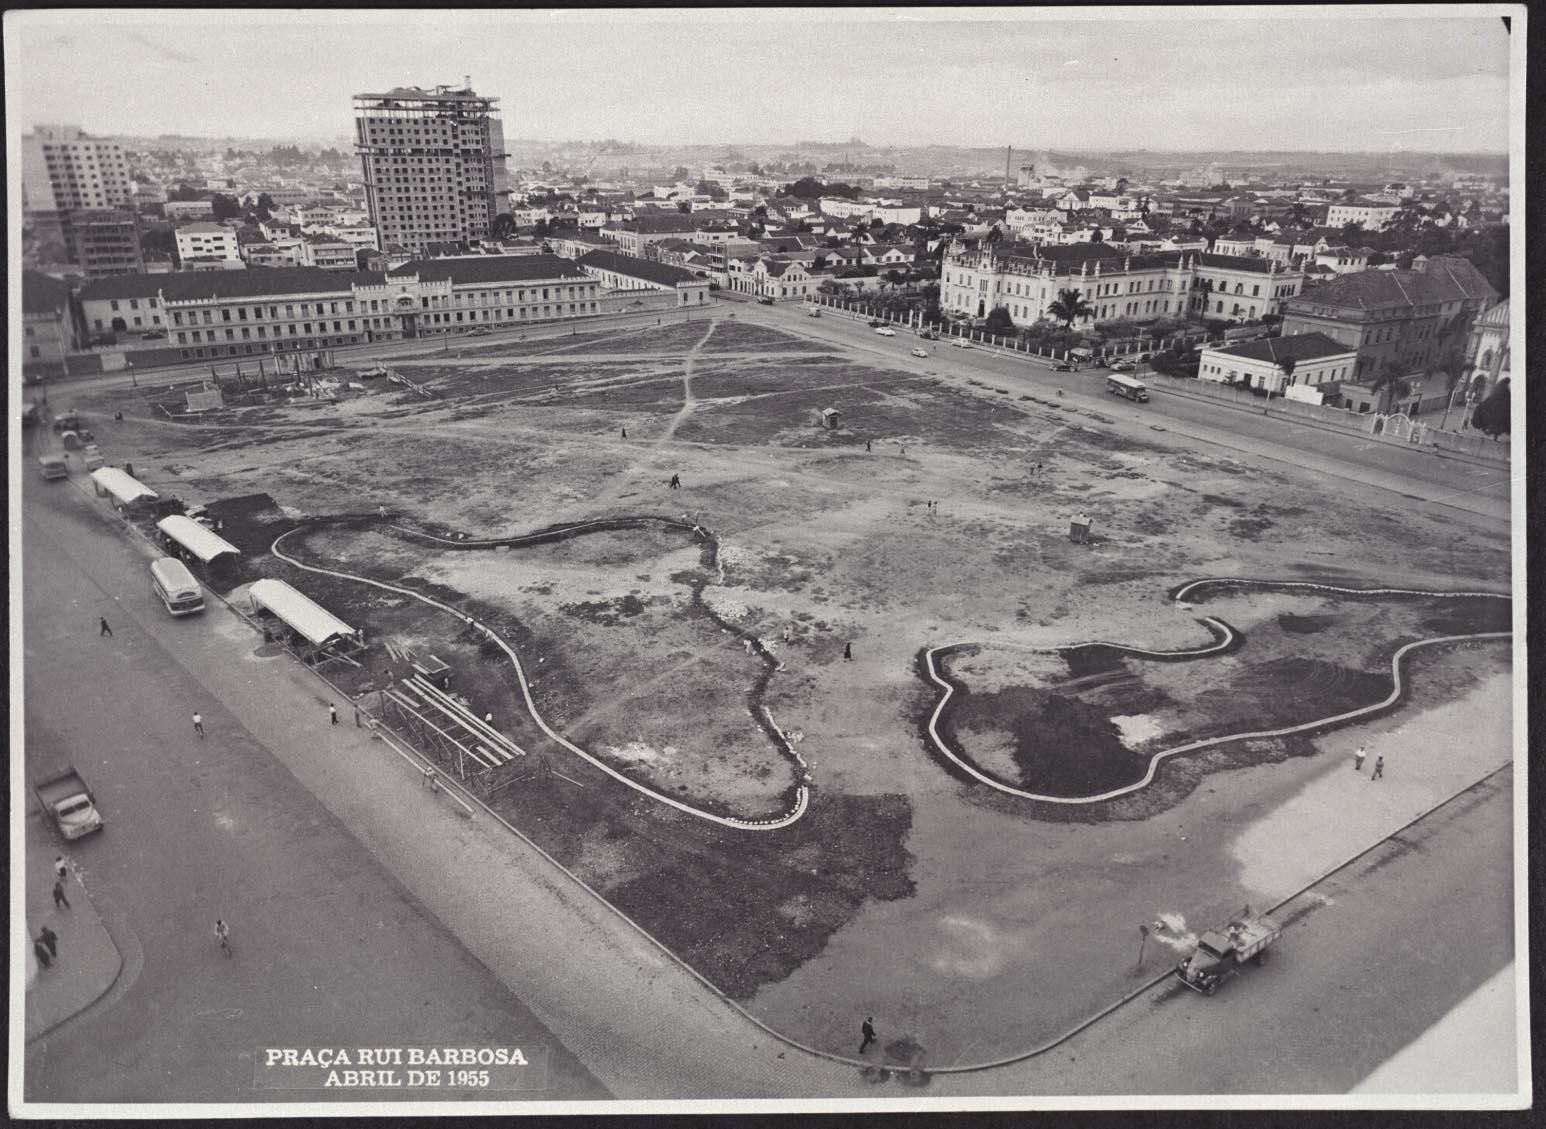 Praça Ruy Barbosa em abril de 1955. À esquerda, o prédio do antigo Quartel; à direita, a Santa Casa de Misericórdia e vista parcial da Paróquia do Senhor Bom Jesus dos Perdões.